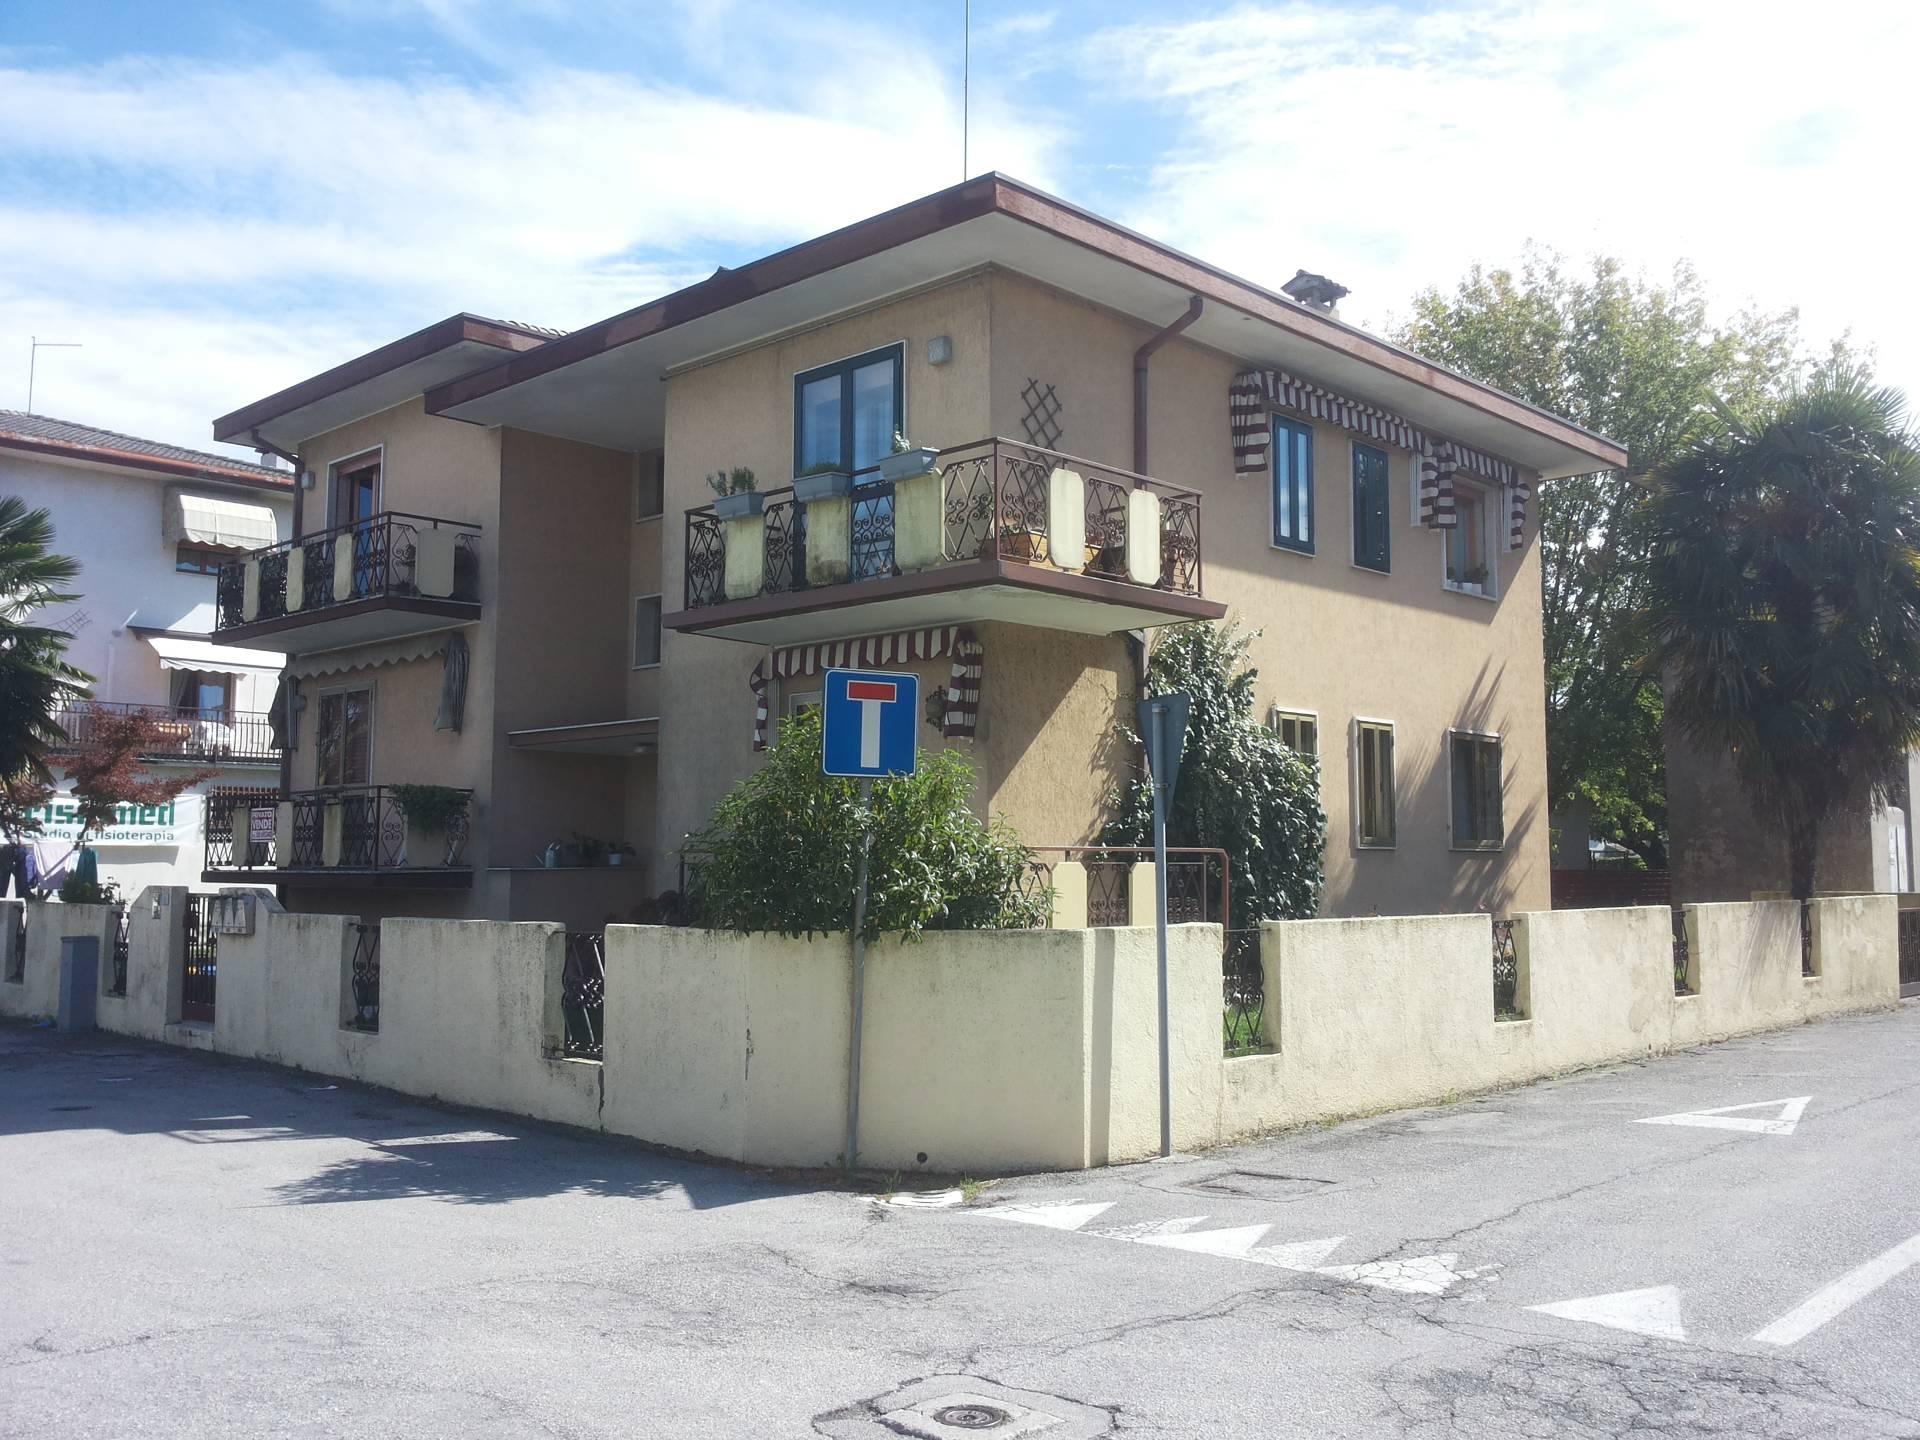 Appartamento in vendita a Casier, 3 locali, zona Località: DossondiCasier, prezzo € 70.000 | CambioCasa.it